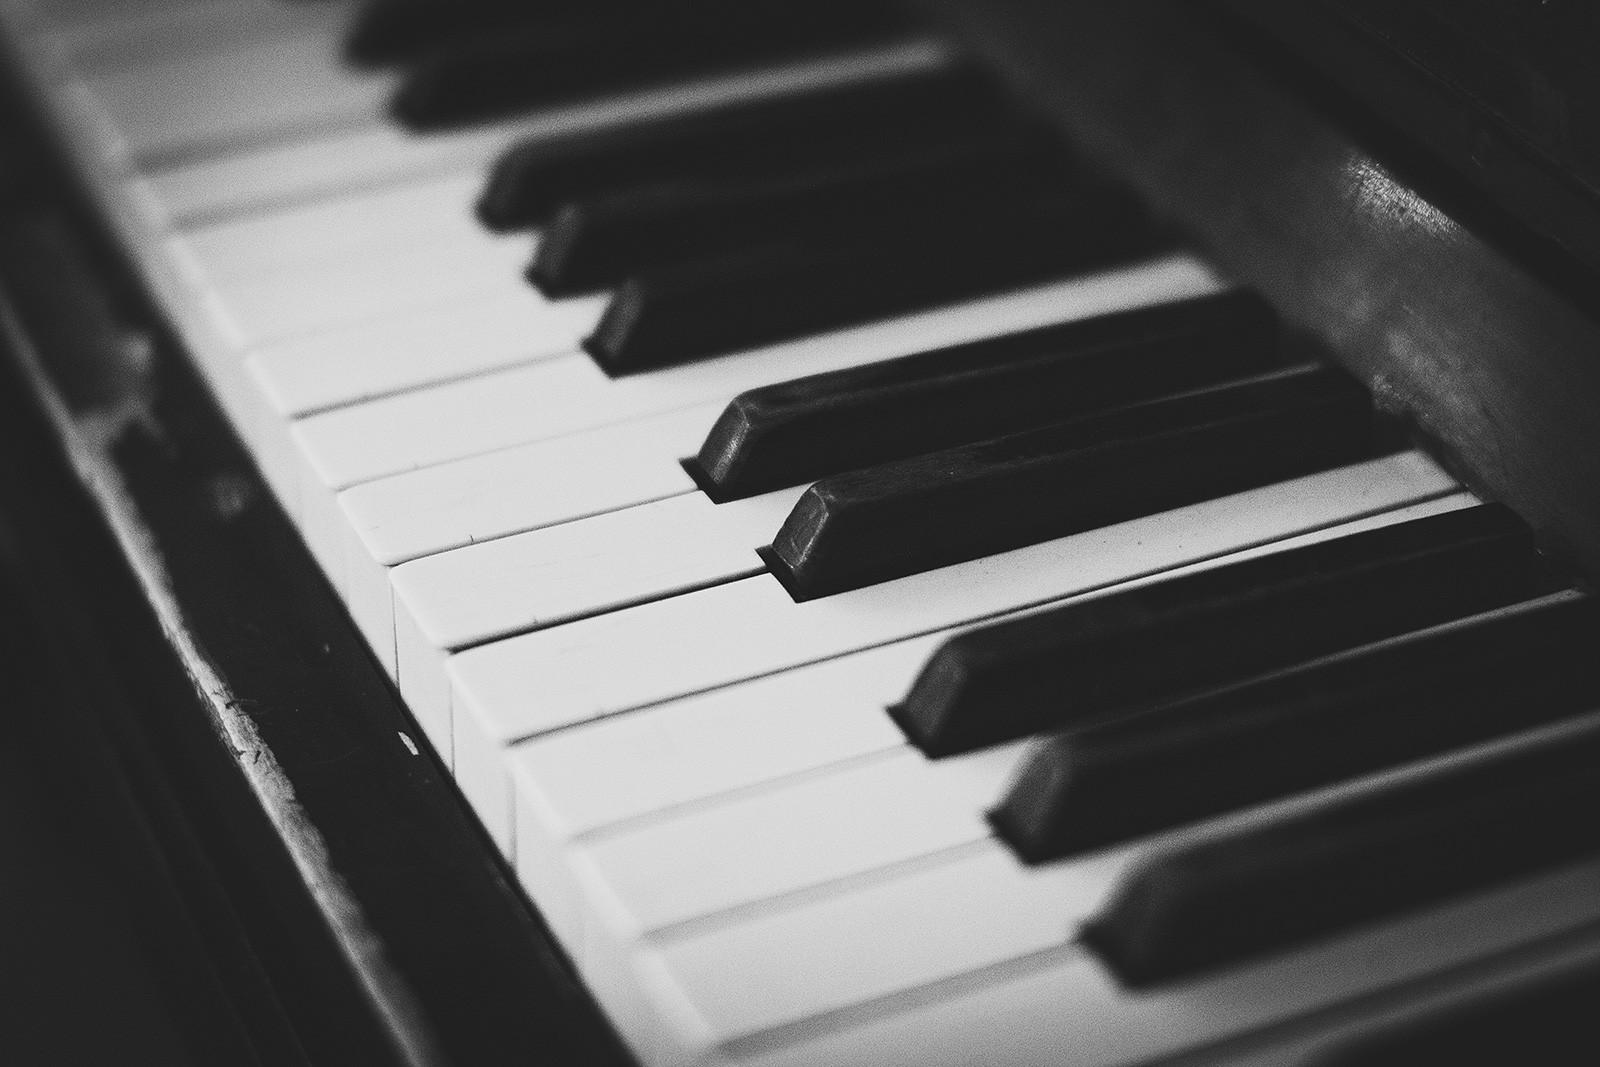 Joskus akustisen instrumentin mukaan ottaminen voi tuoda